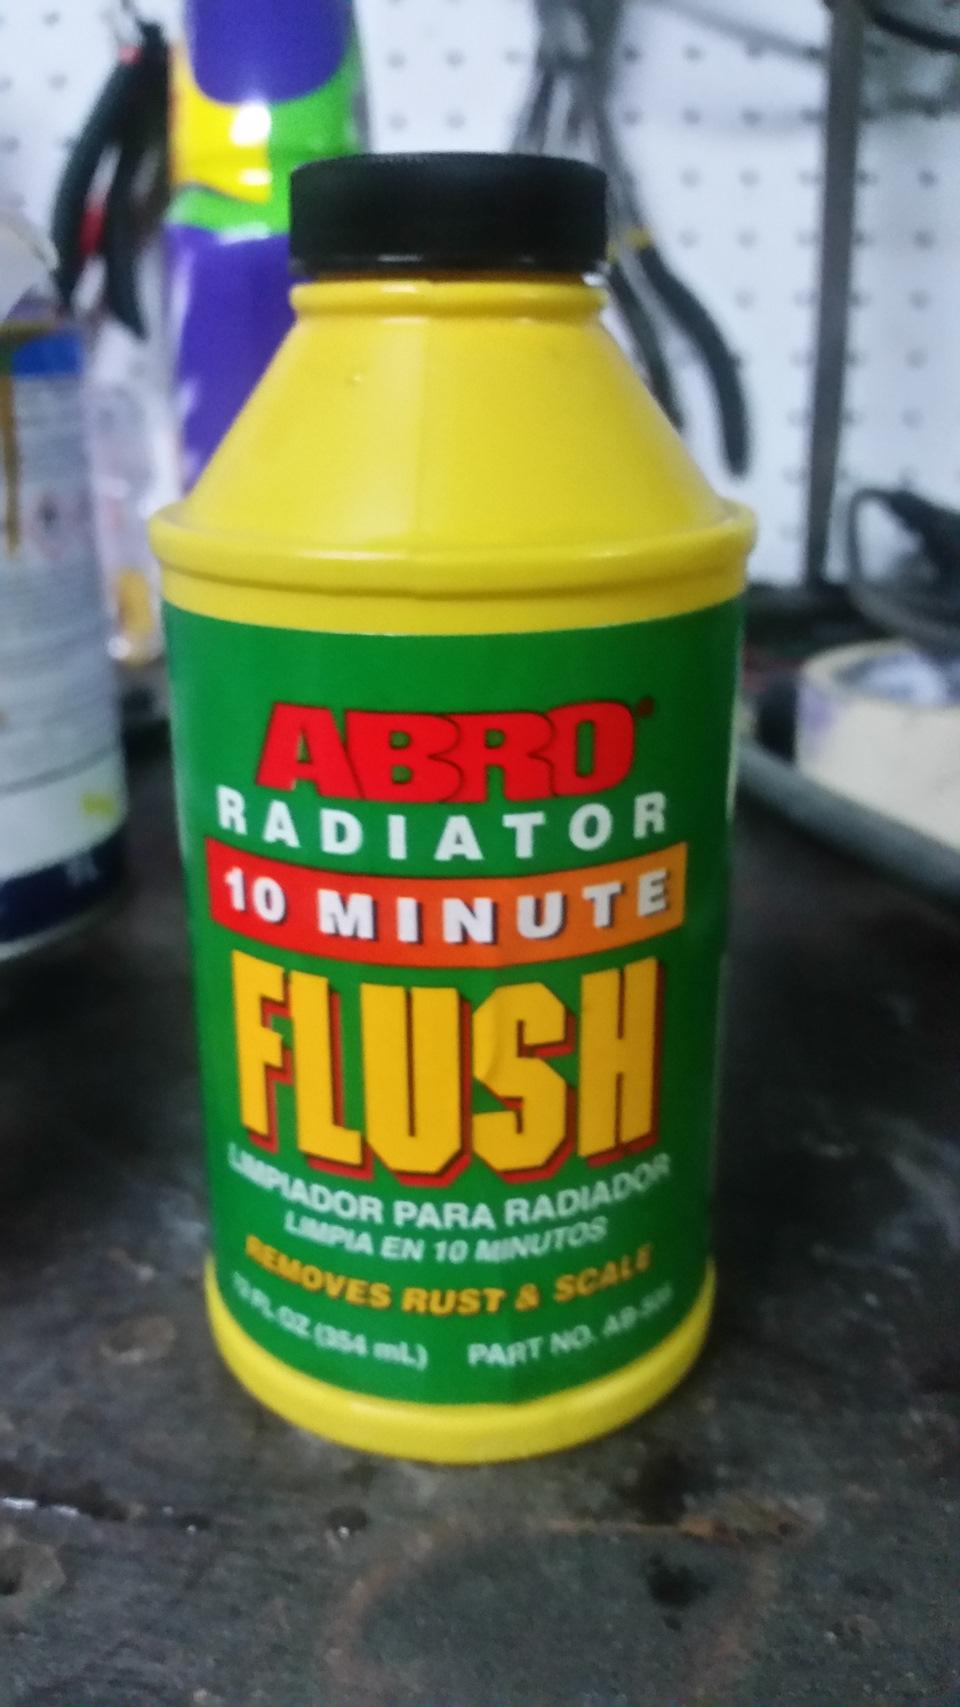 Abro flush промывка радиатора инструкция